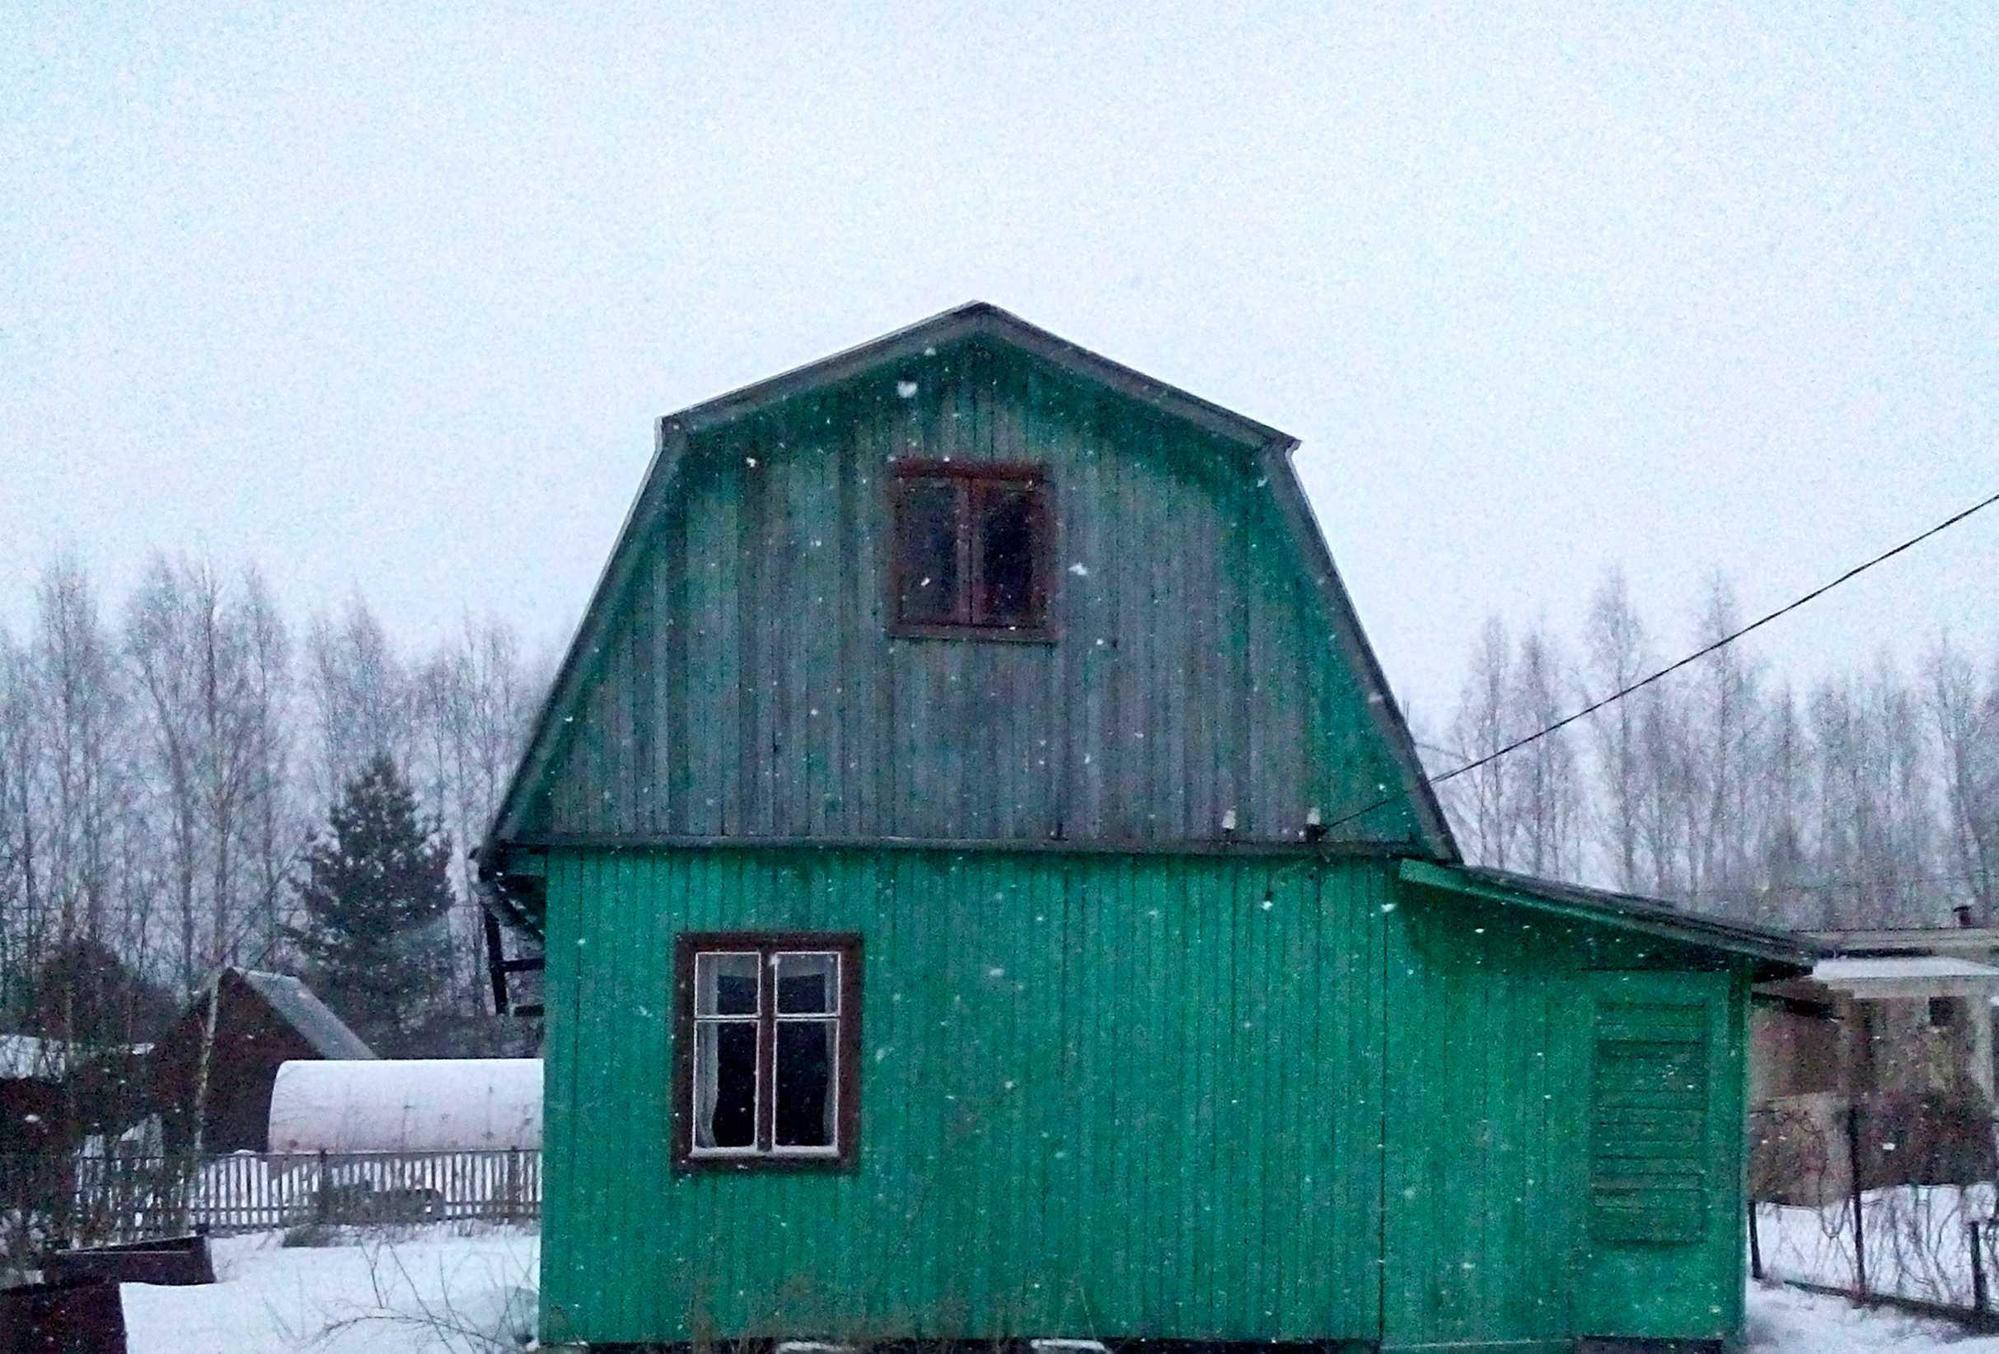 Продается дача, Воровского, 6 сот, Дачи Воровского ...: http://noginsk-region.afy.ru/object/dacha/501700062.html